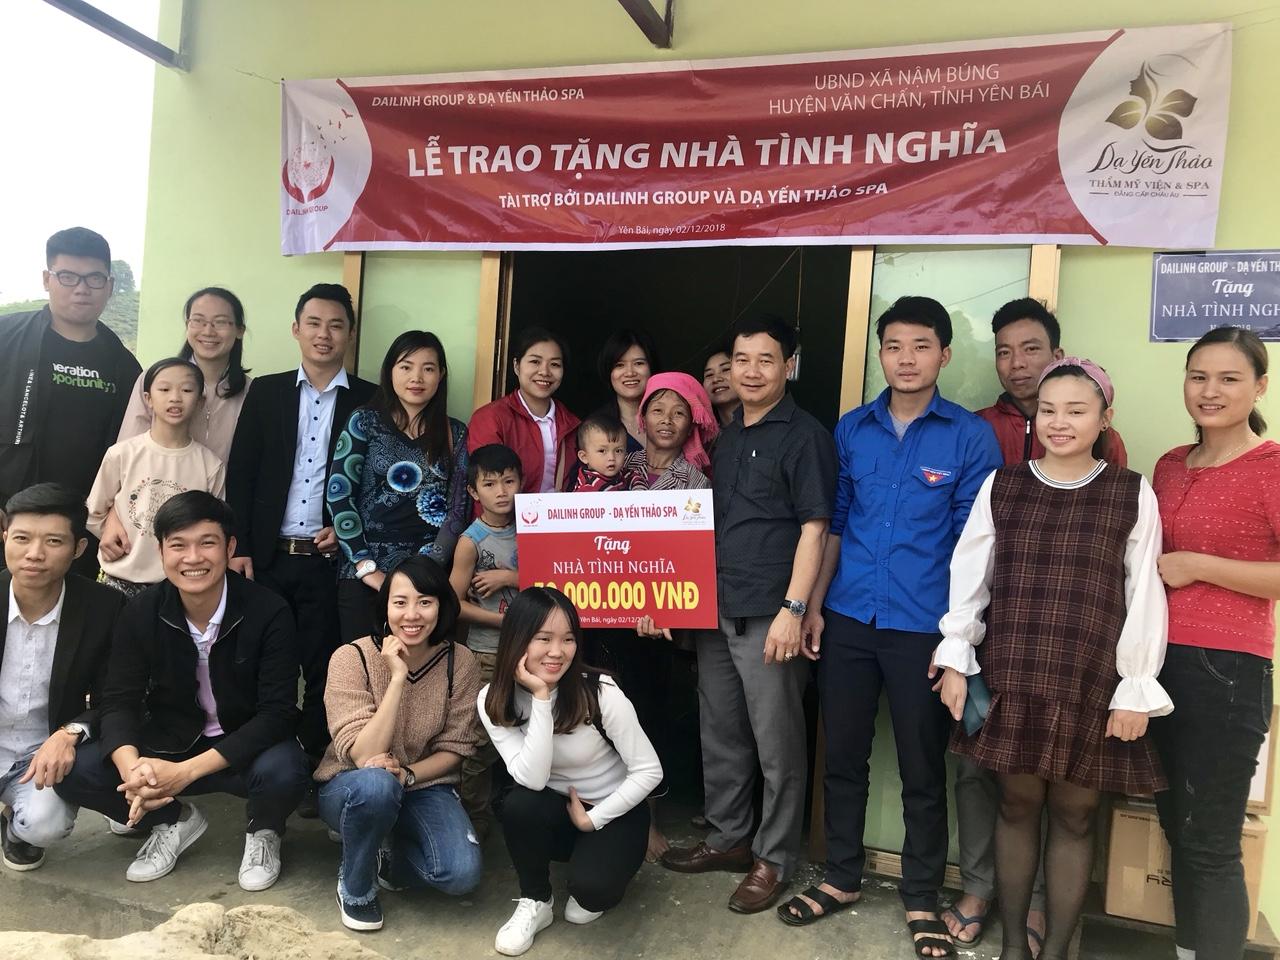 DaiLinh Group bàn giao nhà tình nghĩa cho hộ nghèo tại tỉnh Yên Bái 2